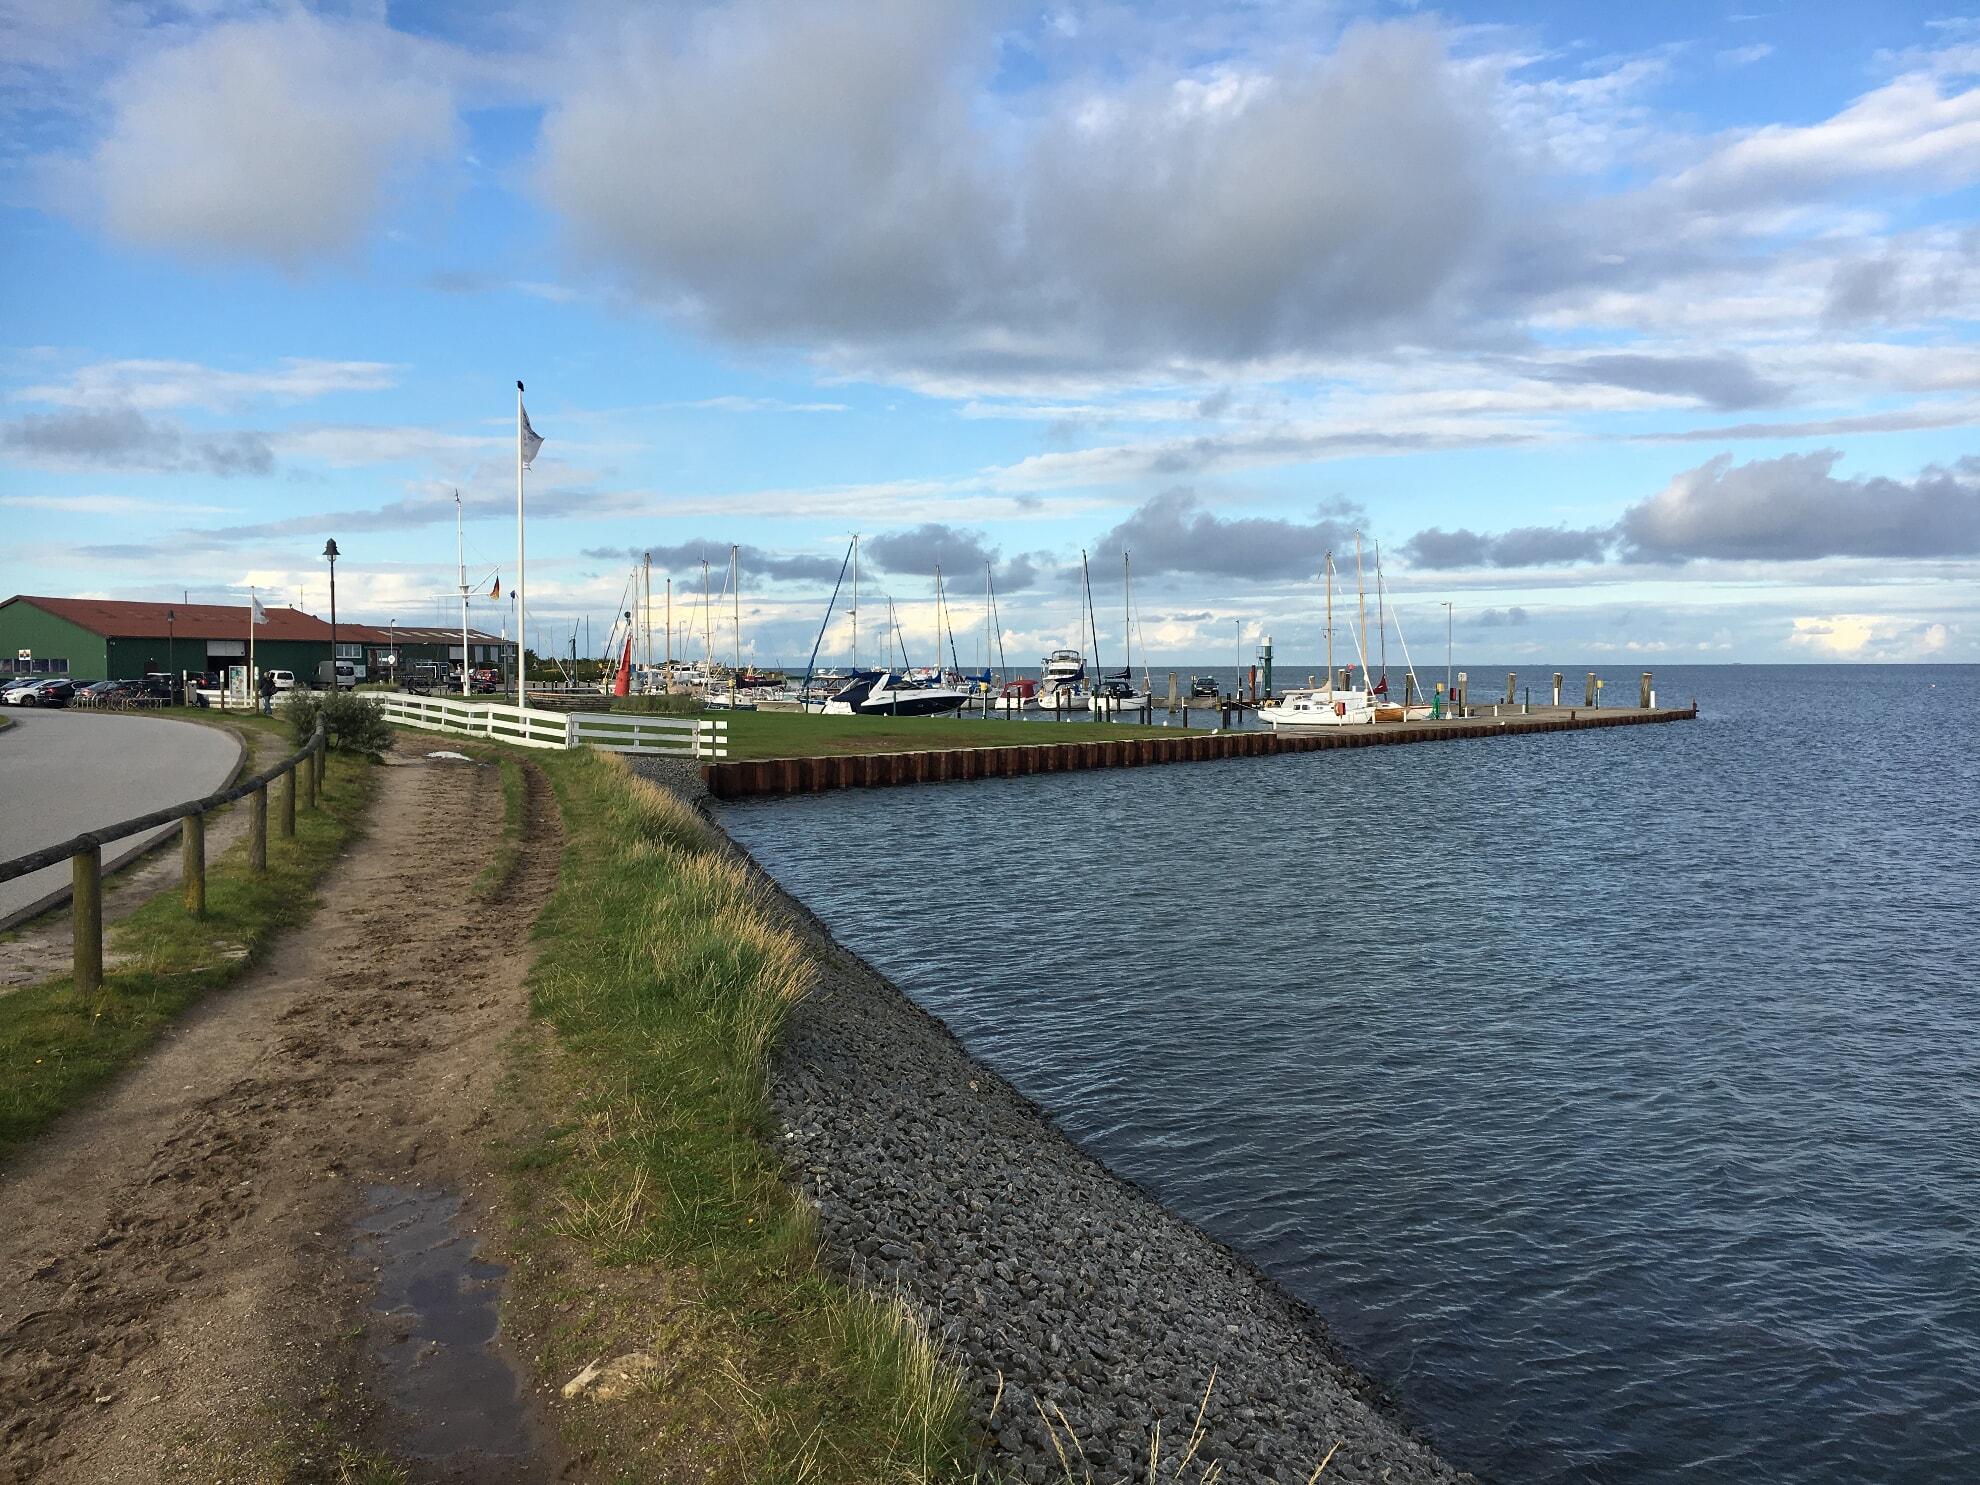 Munkmarscher Hafen